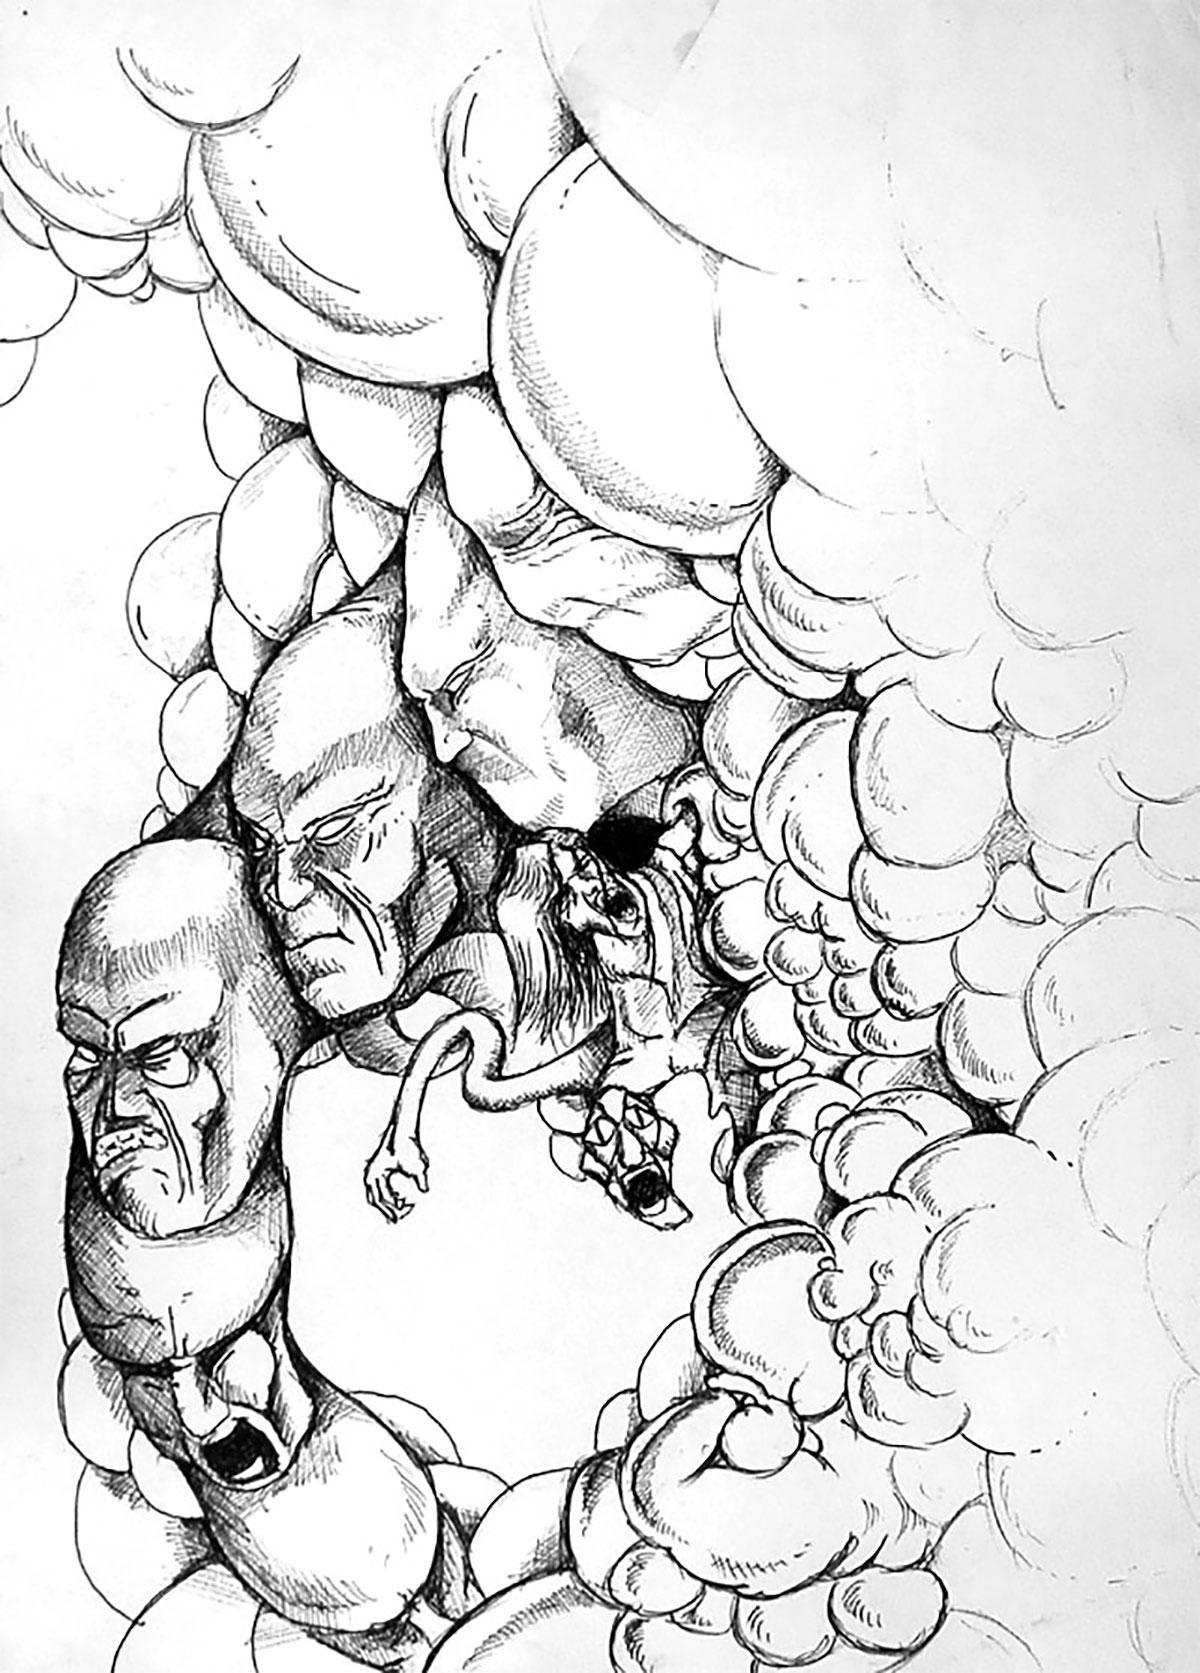 Infographiste indépendant, création d'illustrations, dessin de monstre